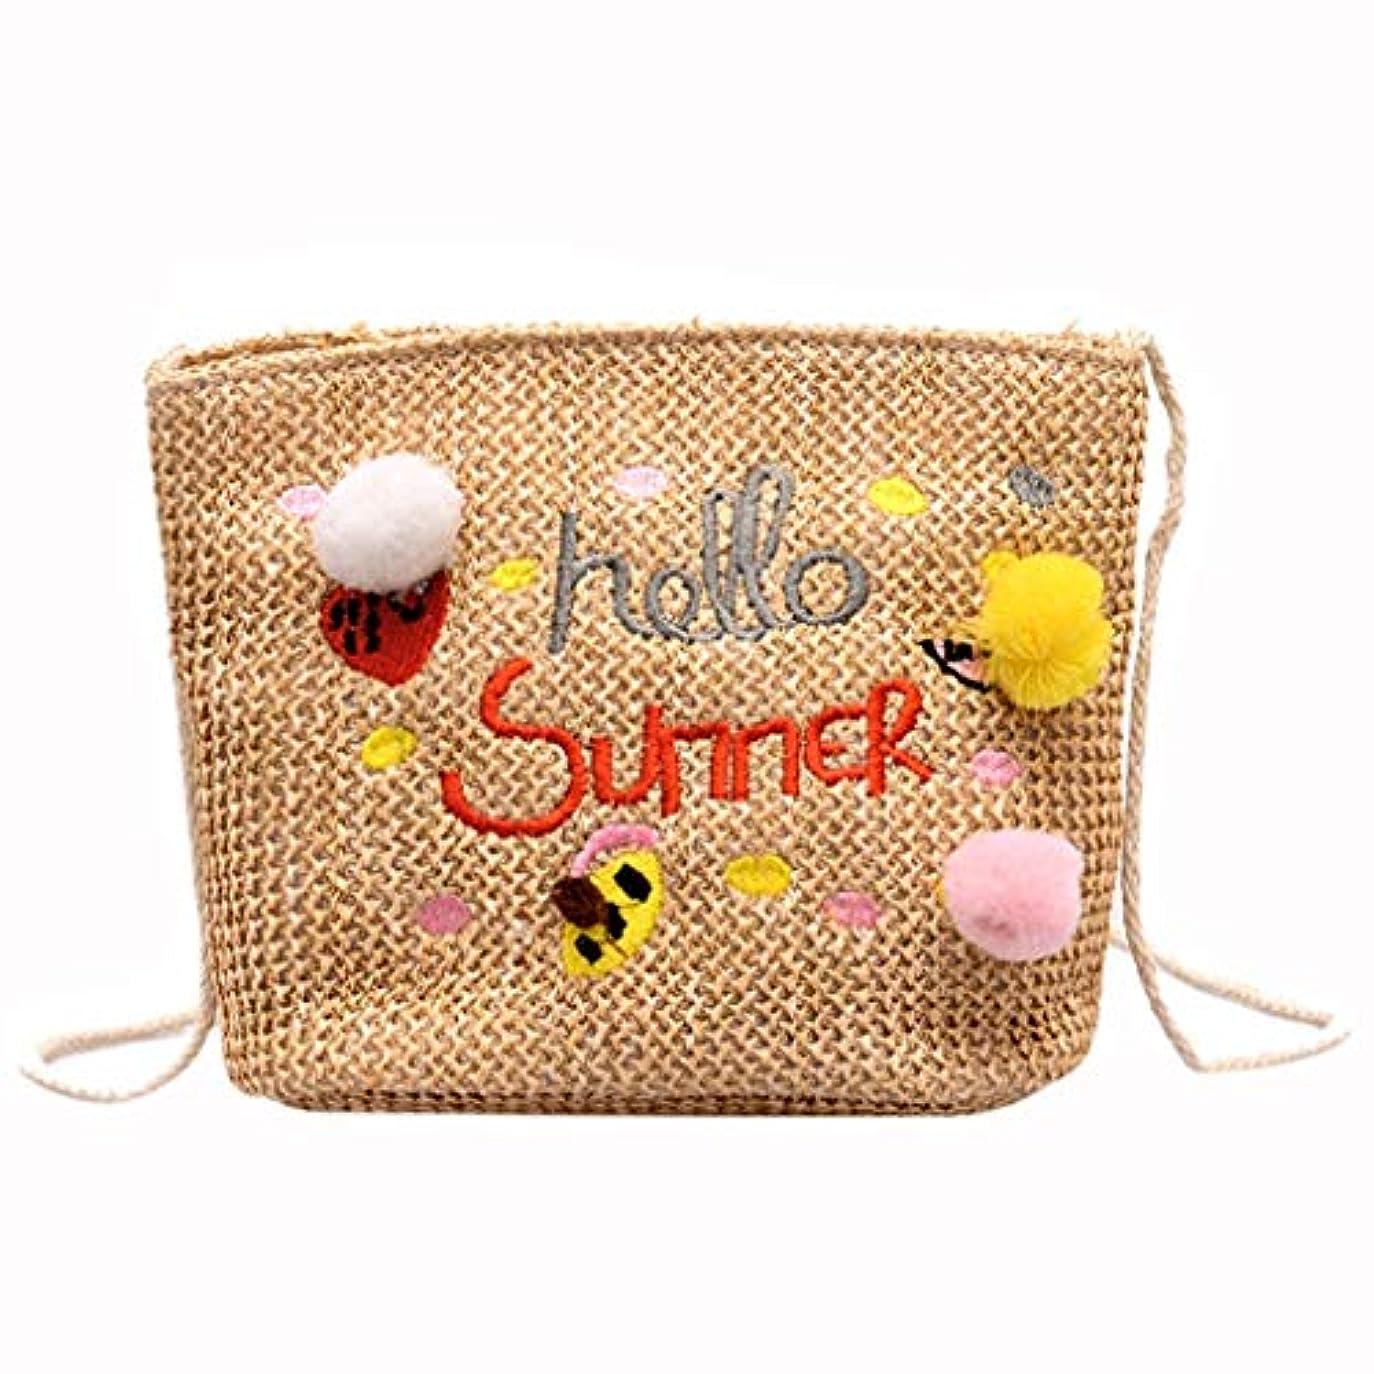 年無意識金属ハンドバッグ斜めパッケージ 女性のファッションわらかわいい髪ボールレターショルダーバッグ財布クラッチバッグメッセンジャーバッグ